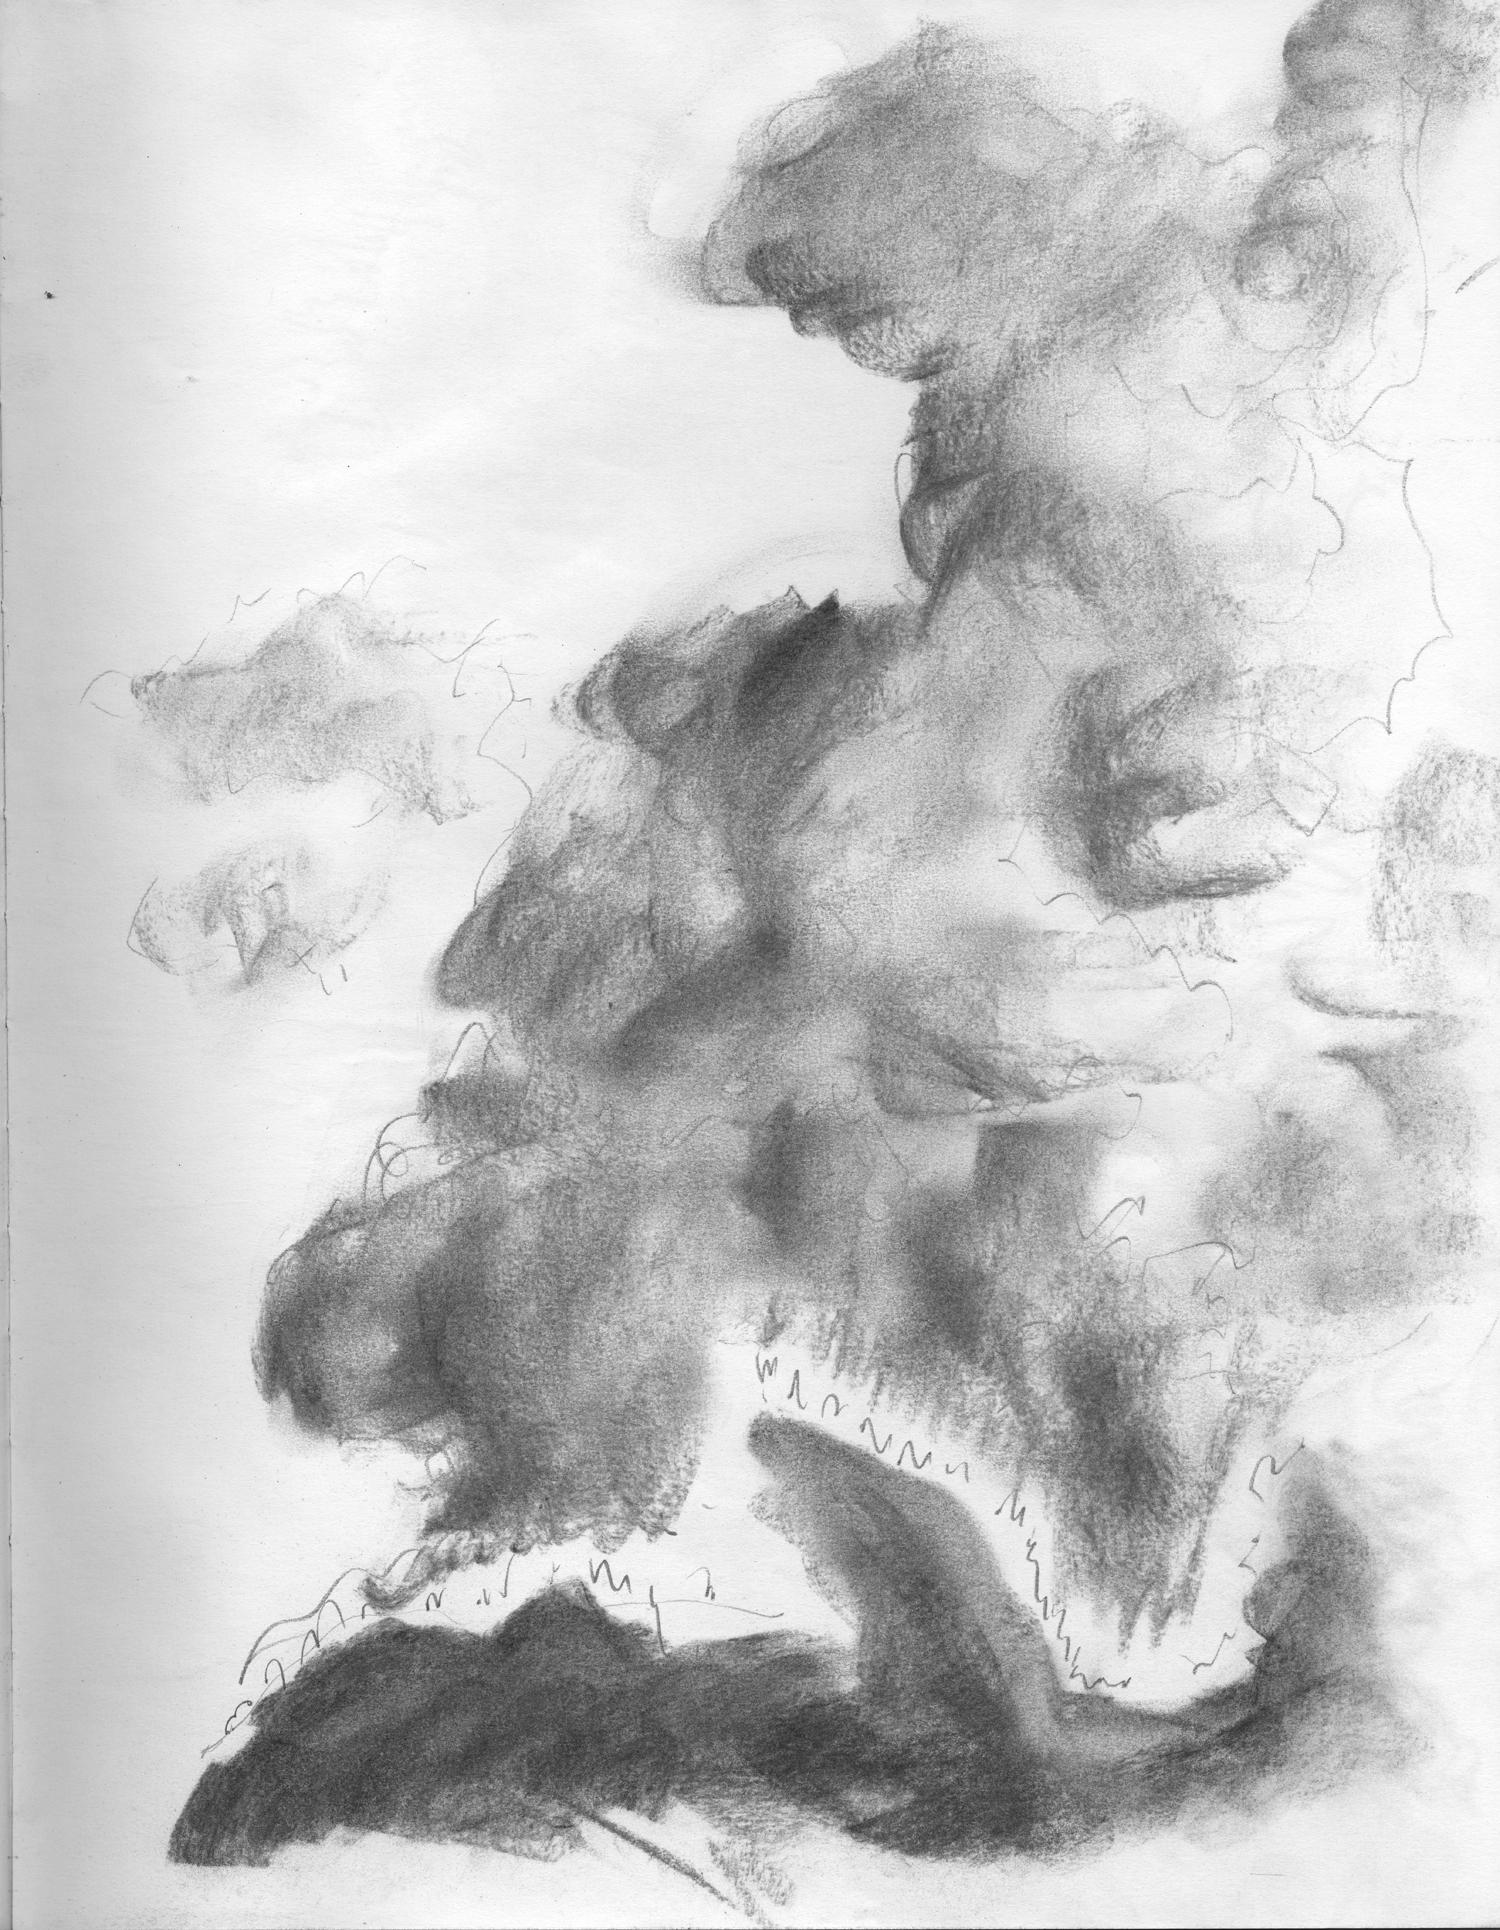 EM Gap Fire sketch 04 2016 1500x.jpg